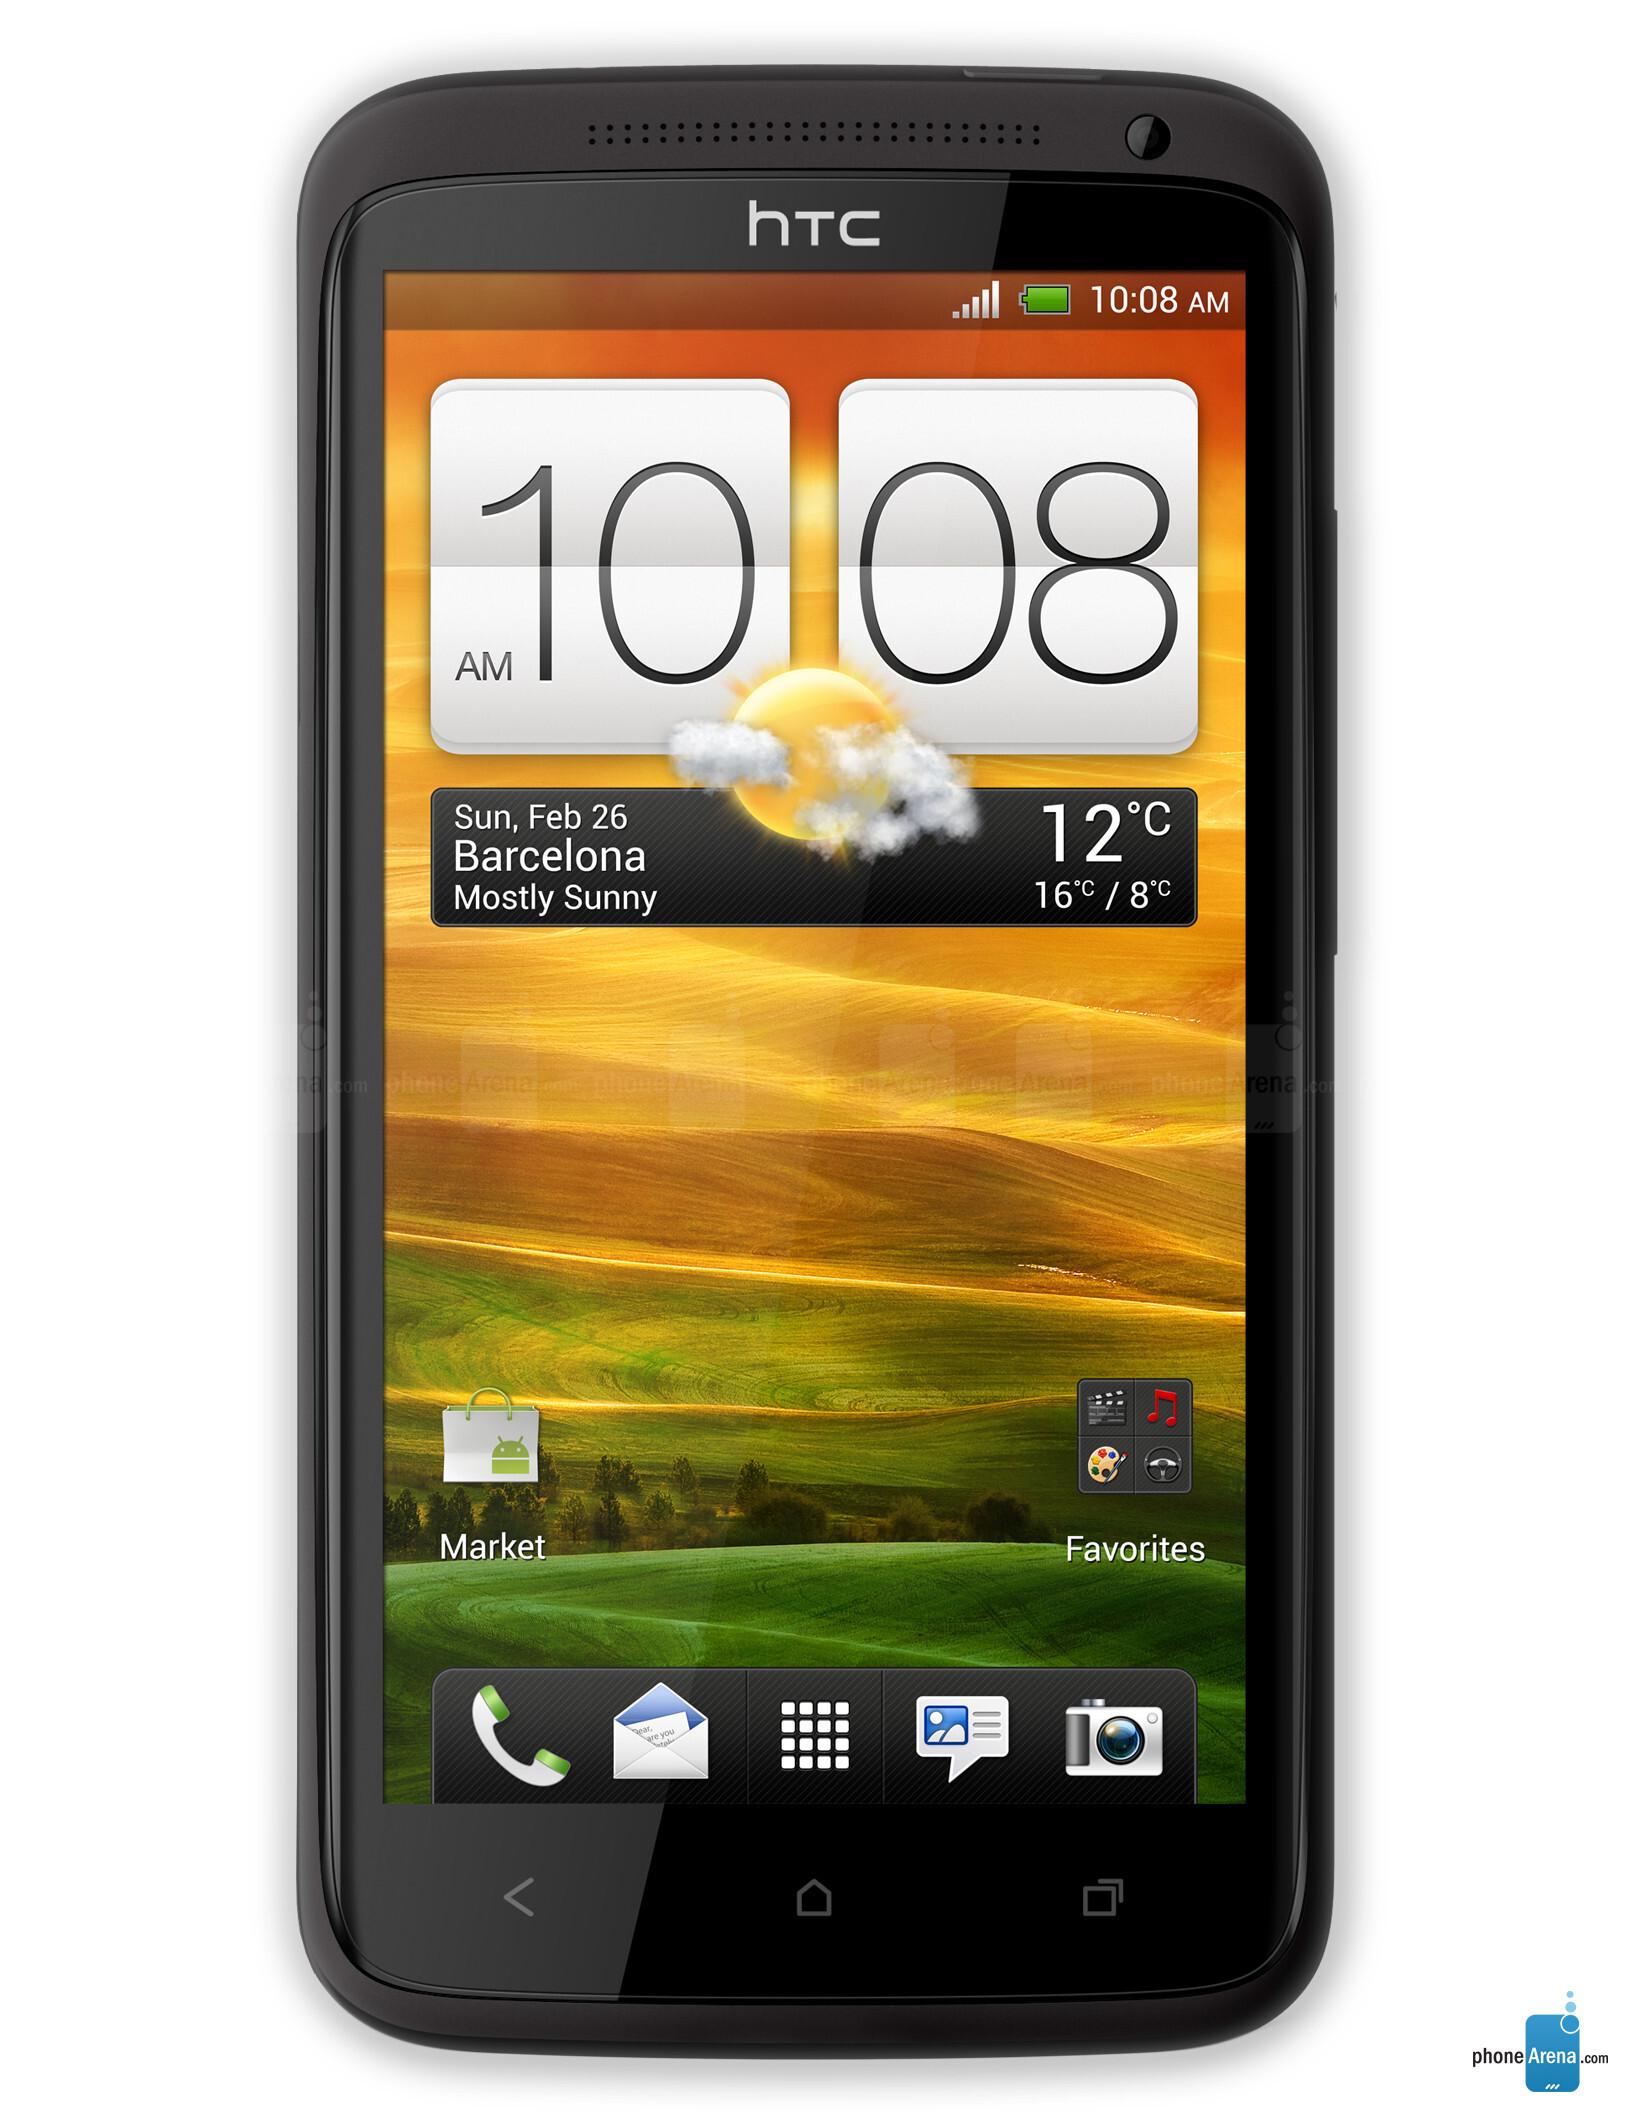 HTC One X specs